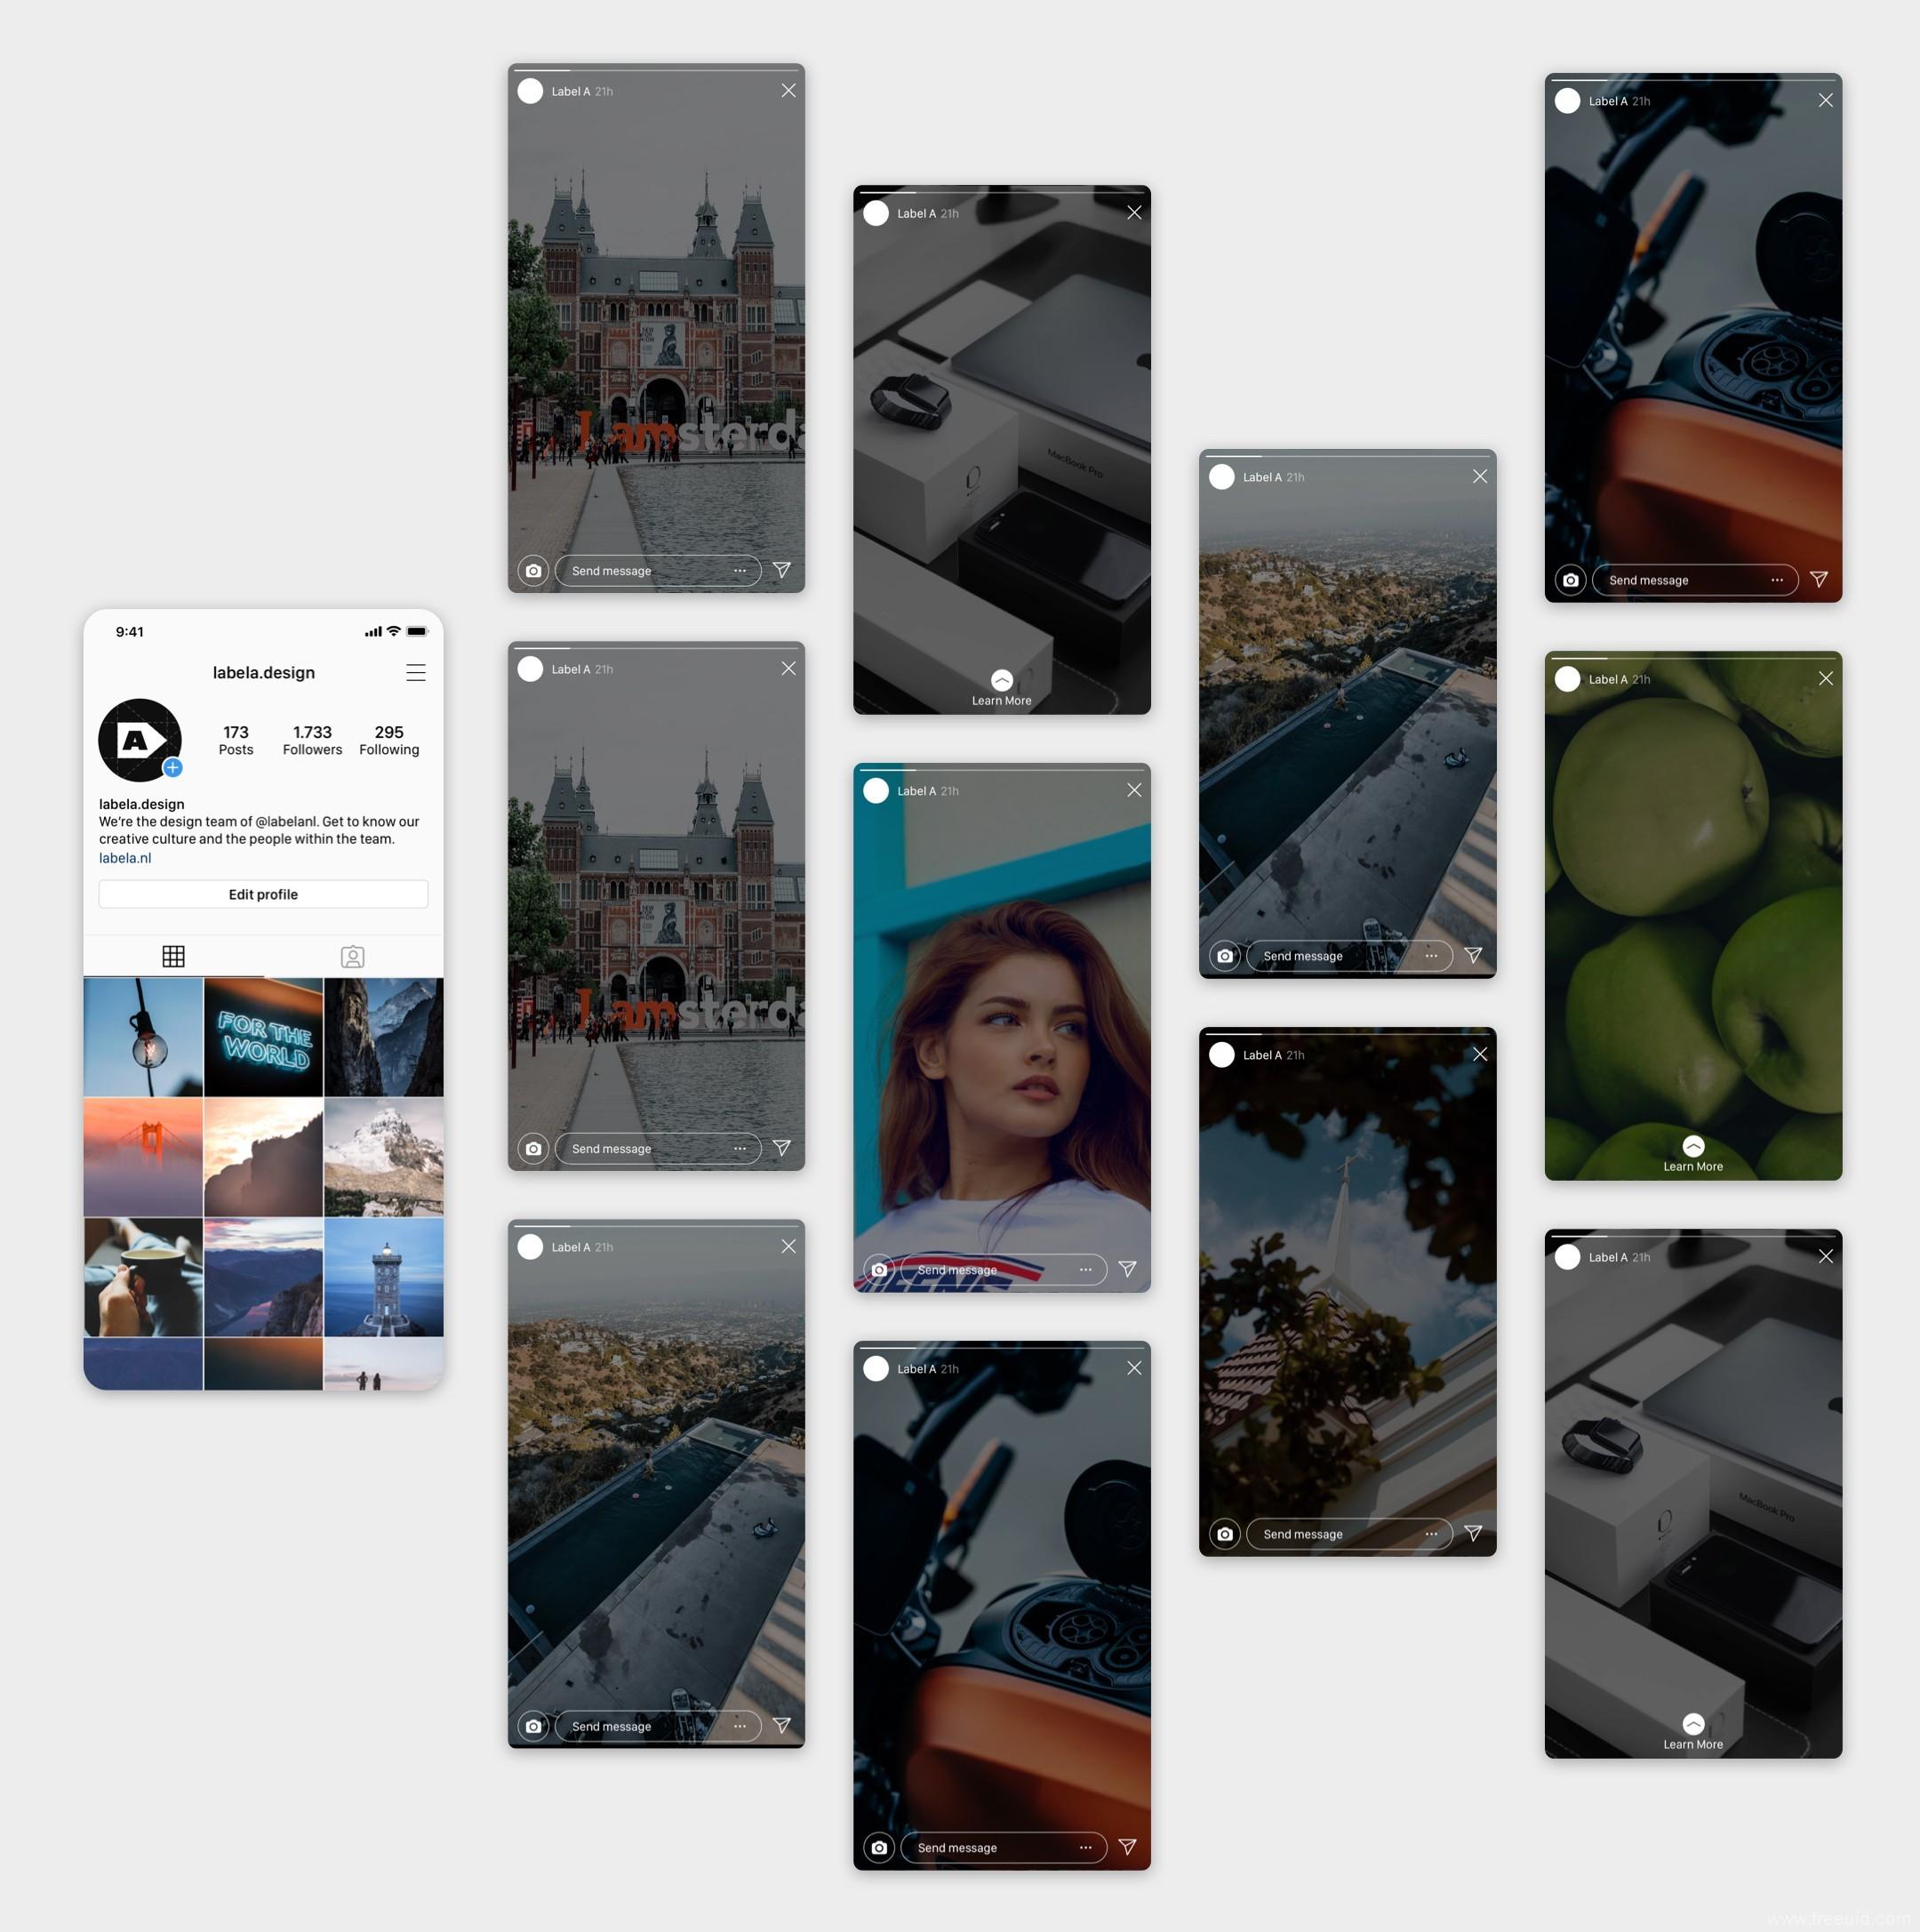 ins 图片社交app应用UI界面sketch源文件下载